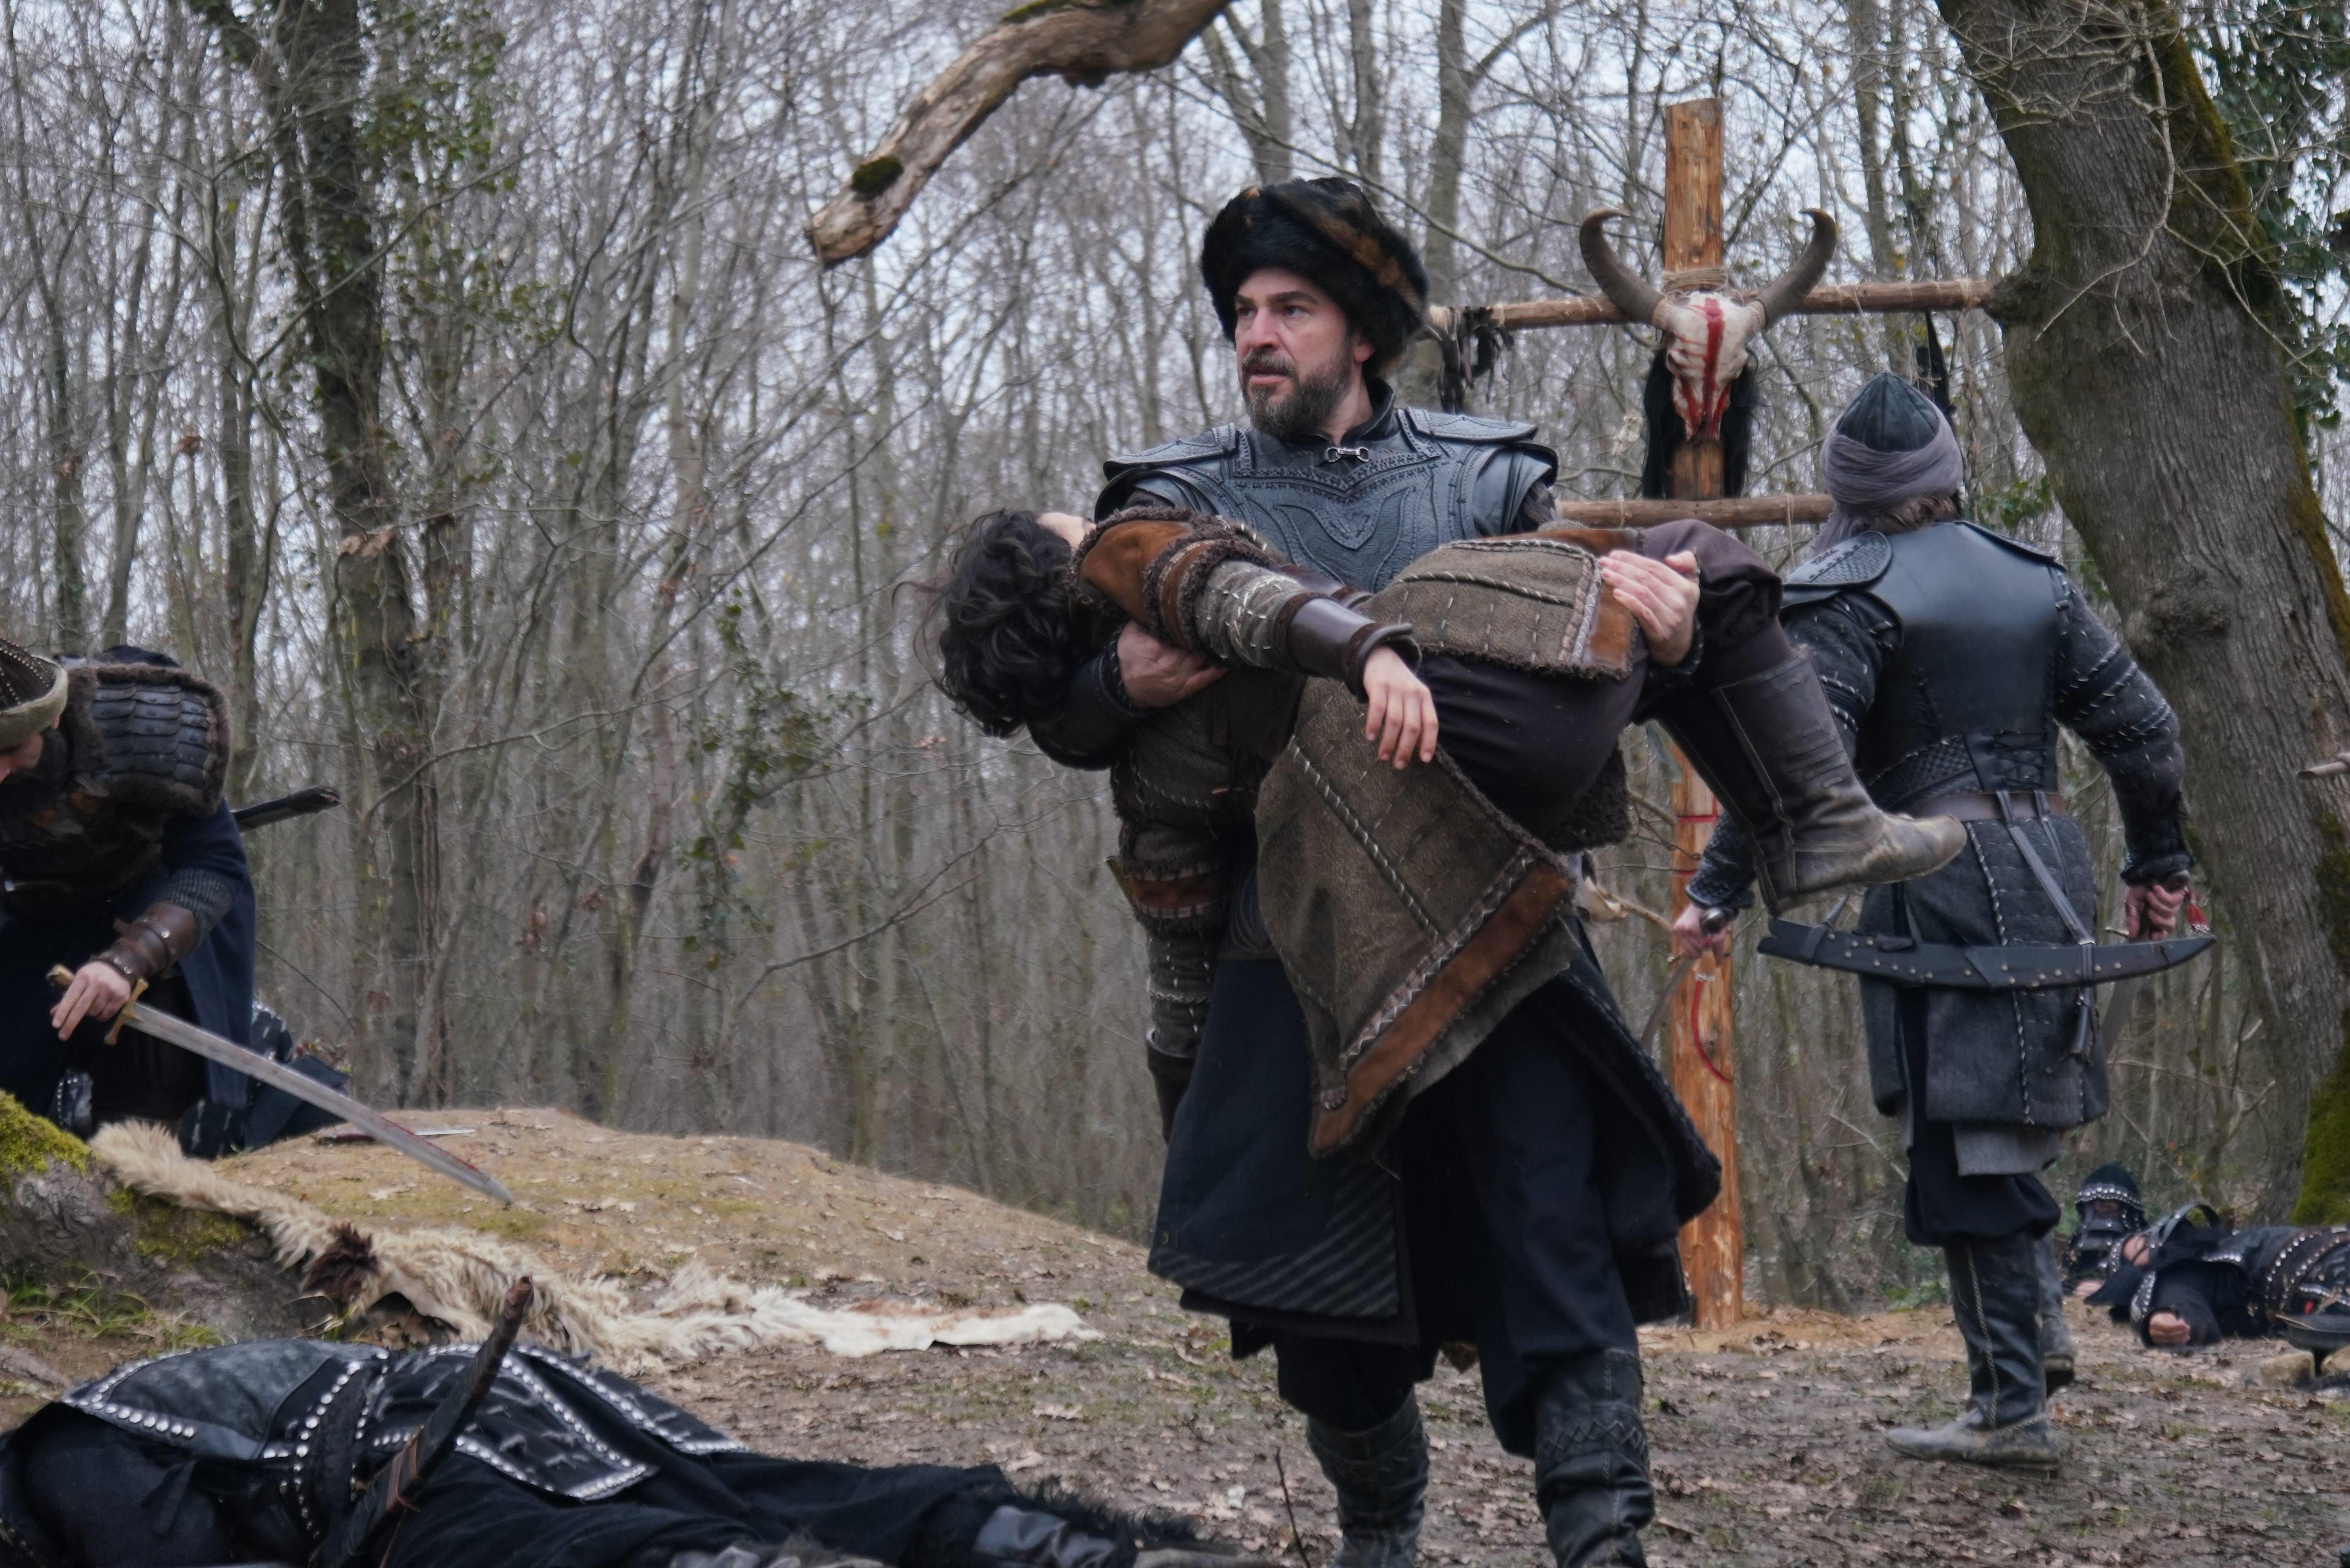 صور رسمية من الحلقة القادمة 136 من الموسم الخامس من قيامة أرطغرل بجودة عالية جداً